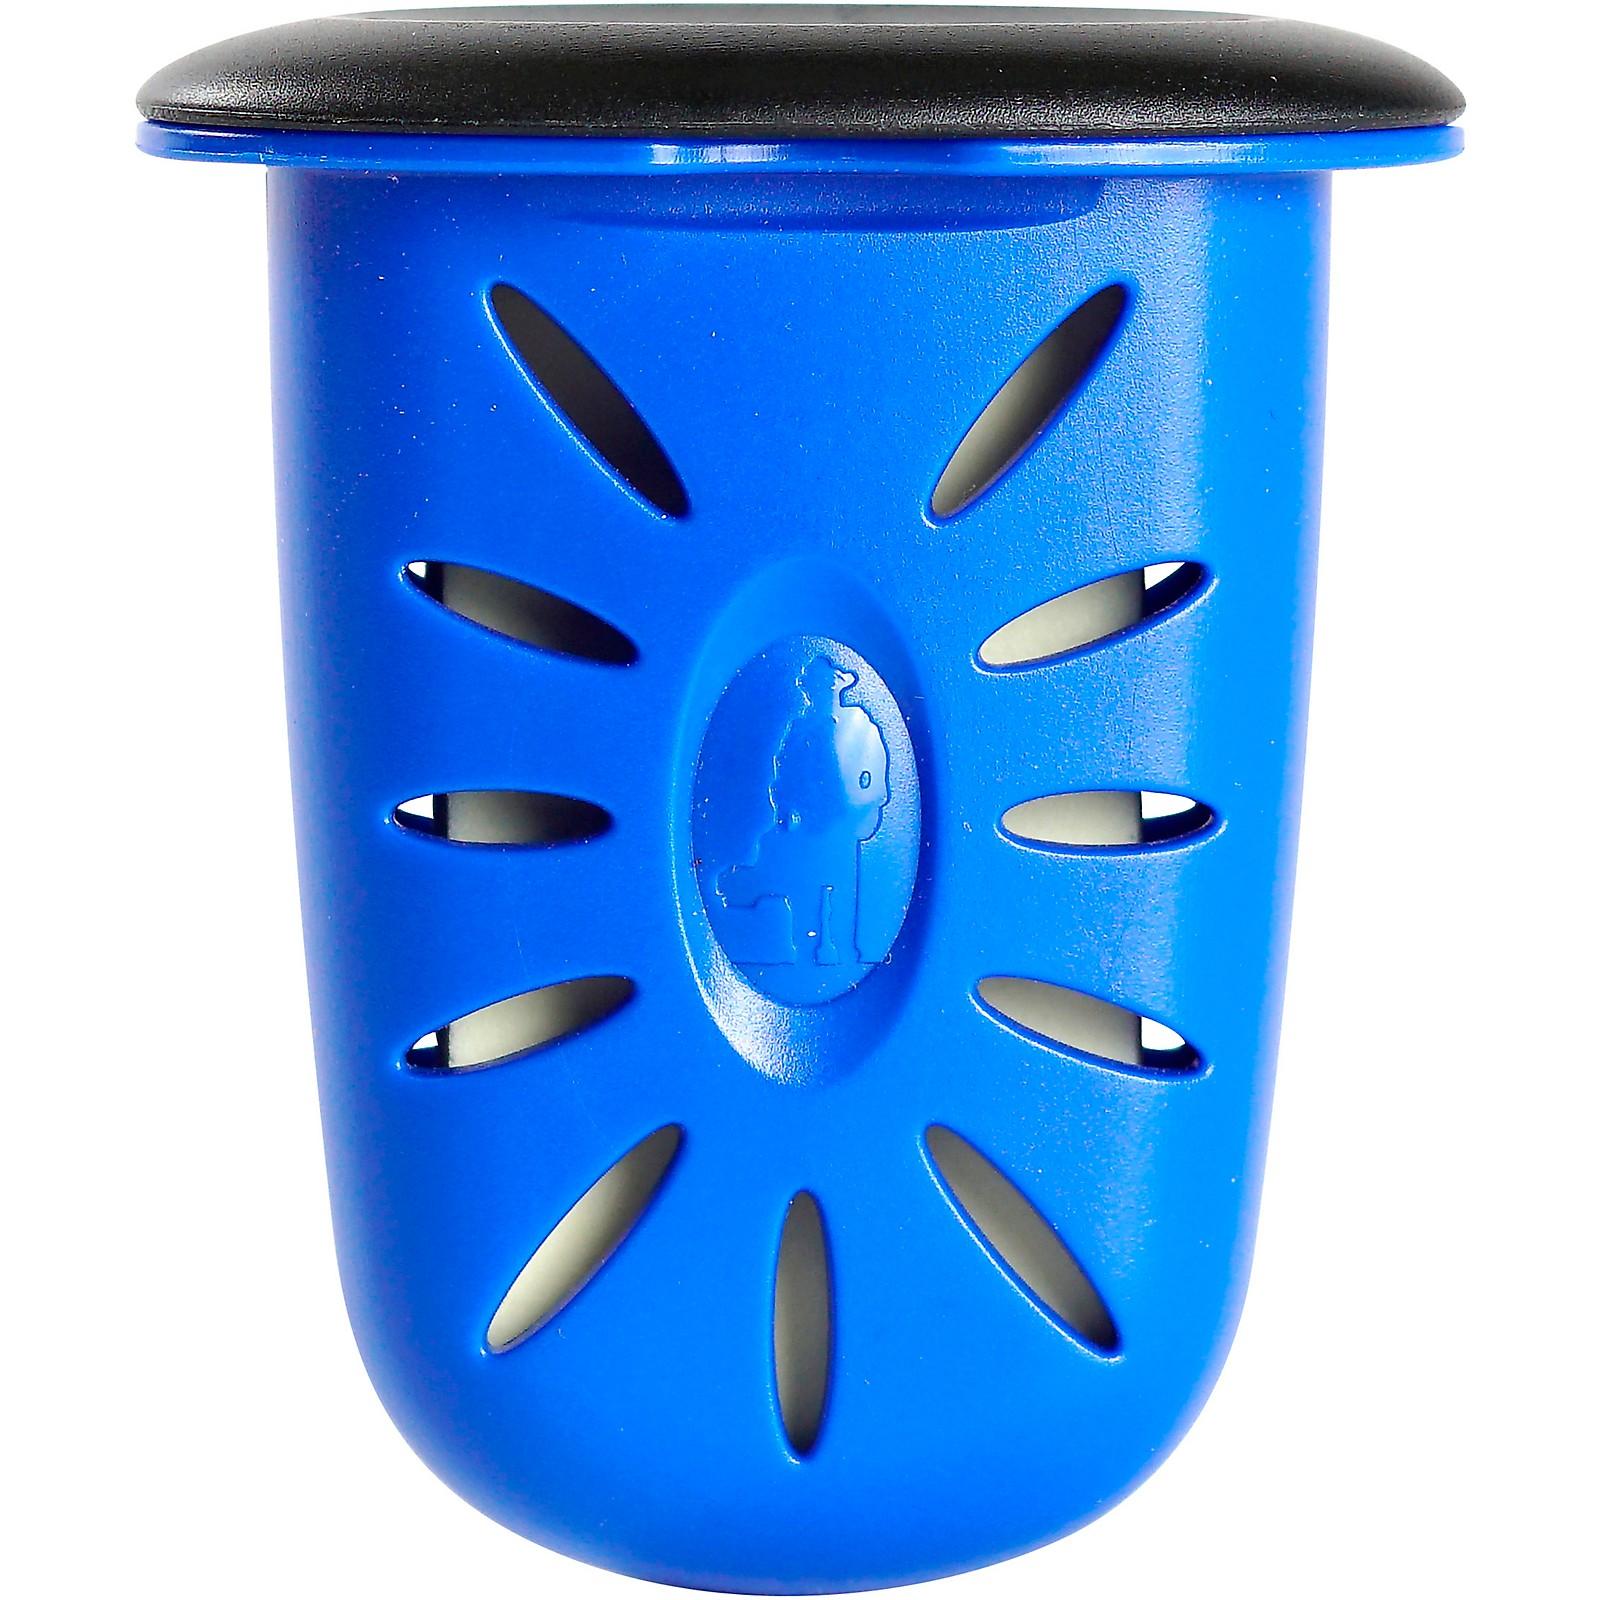 MusicNomad The Humilele - Ukulele Humidifier